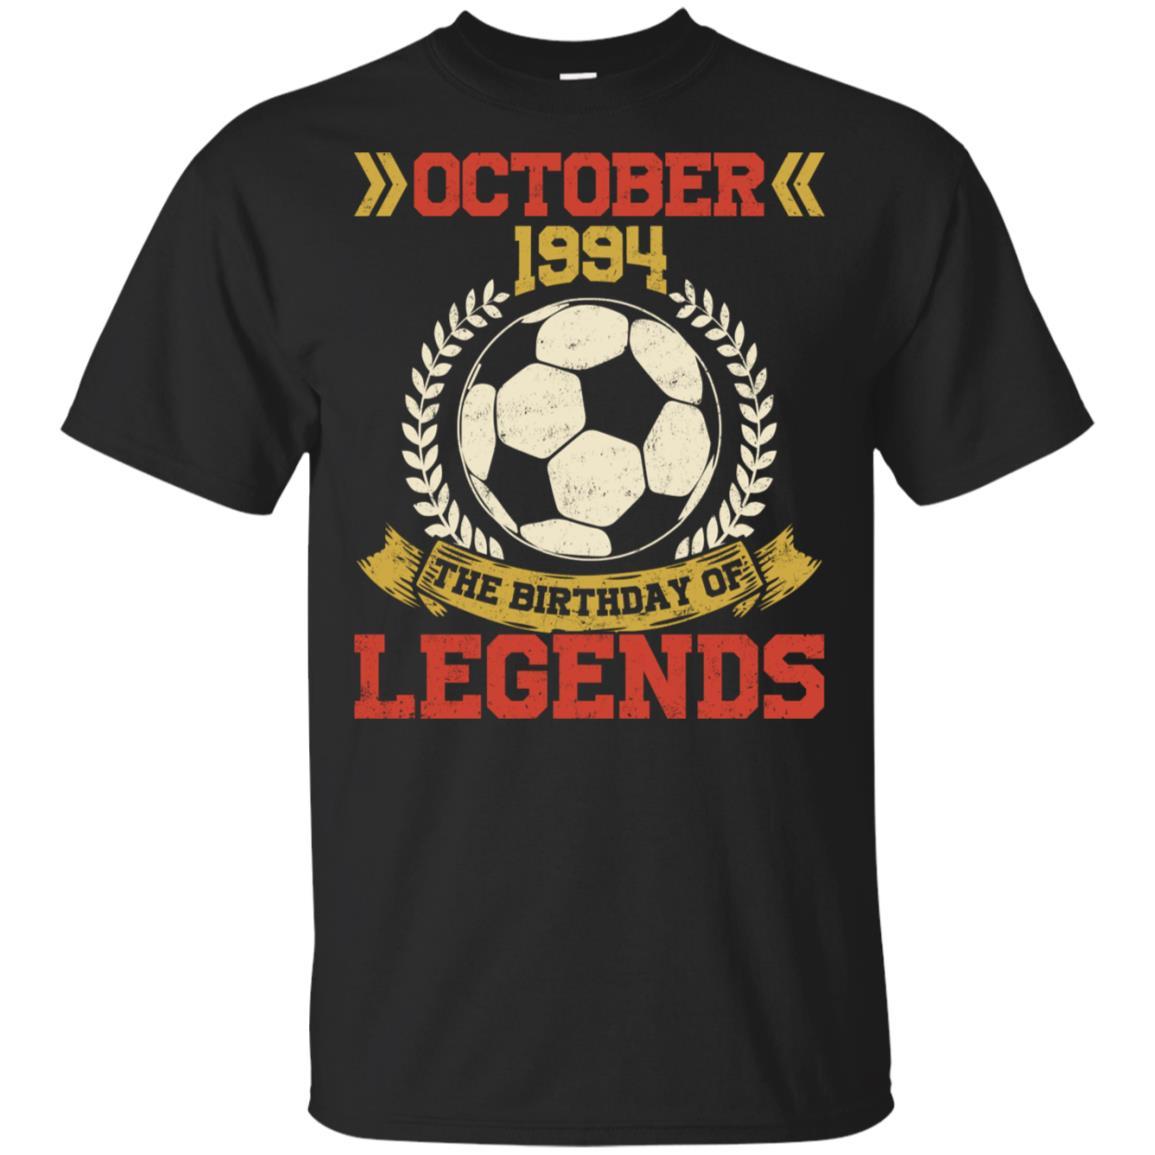 1994 October 24th Birthday Of Football Soccer Legend Unisex Short Sleeve